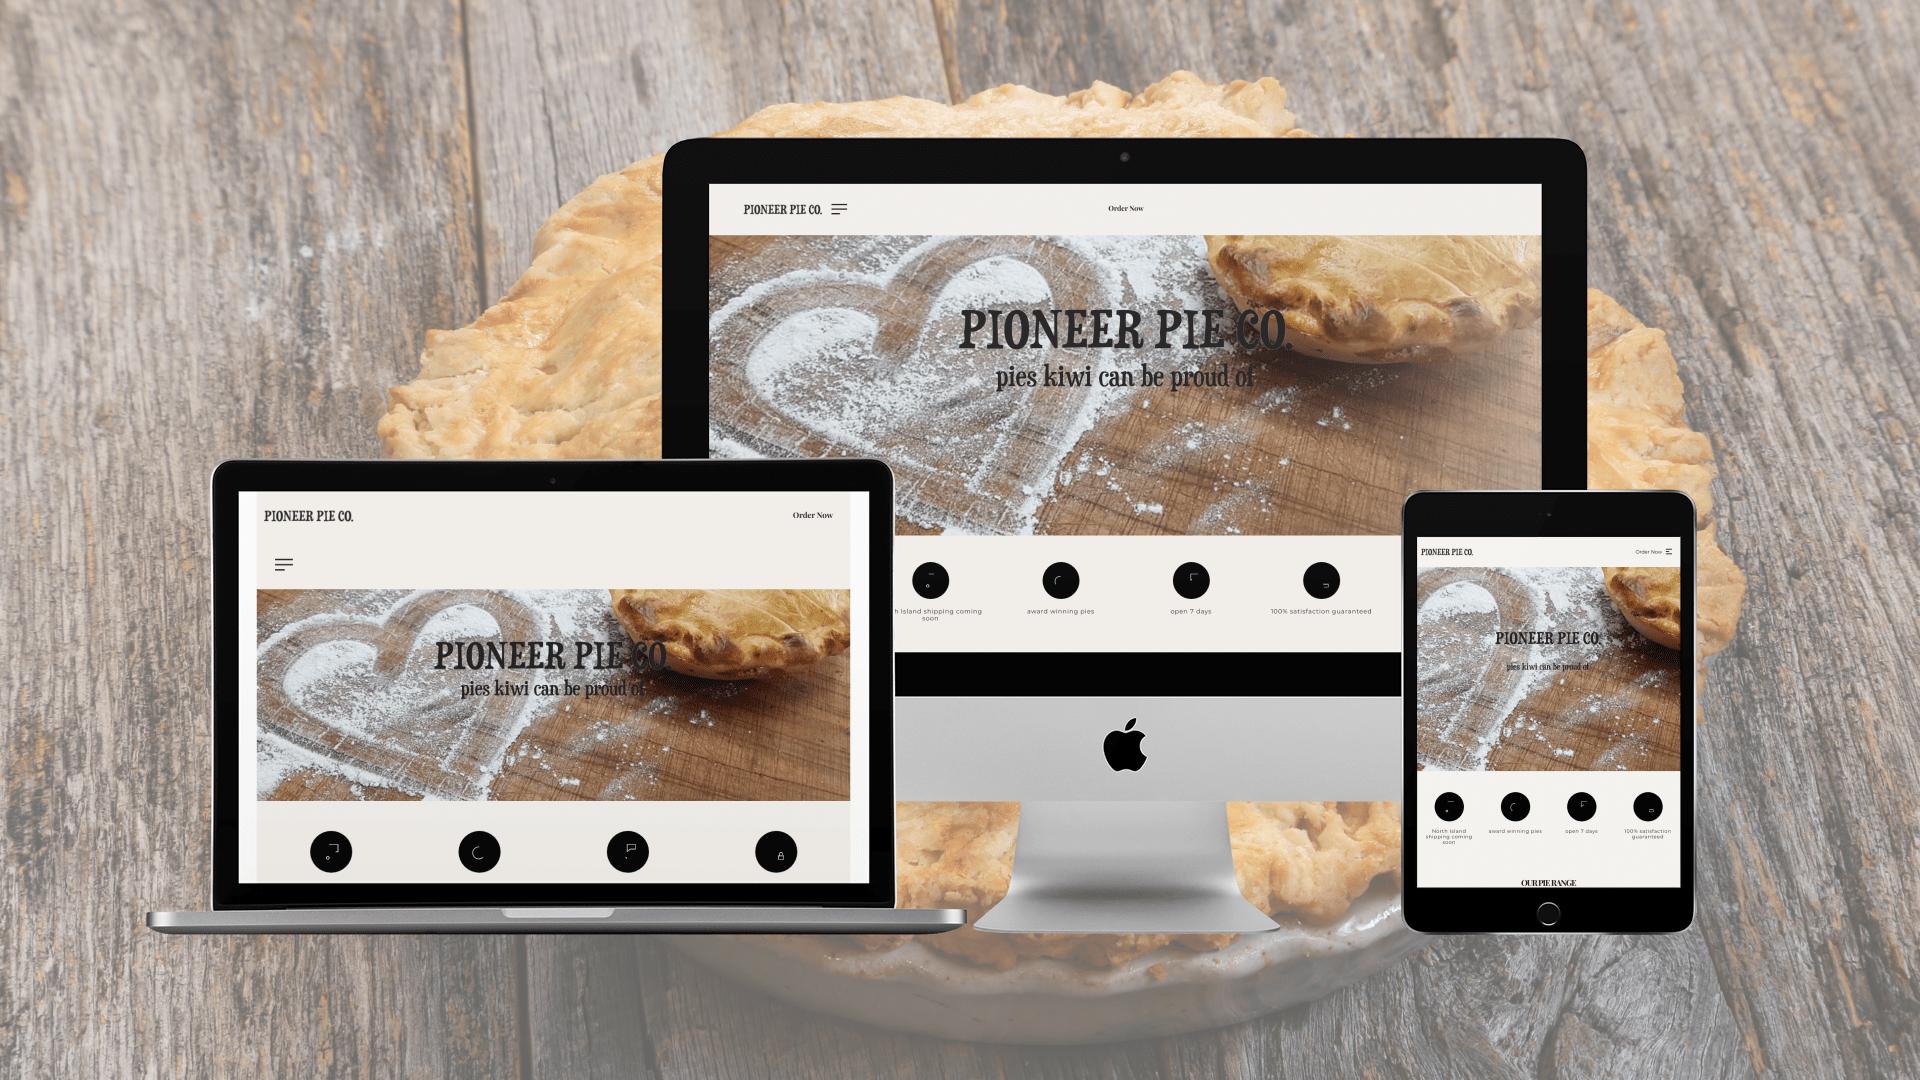 Pioneer Pie